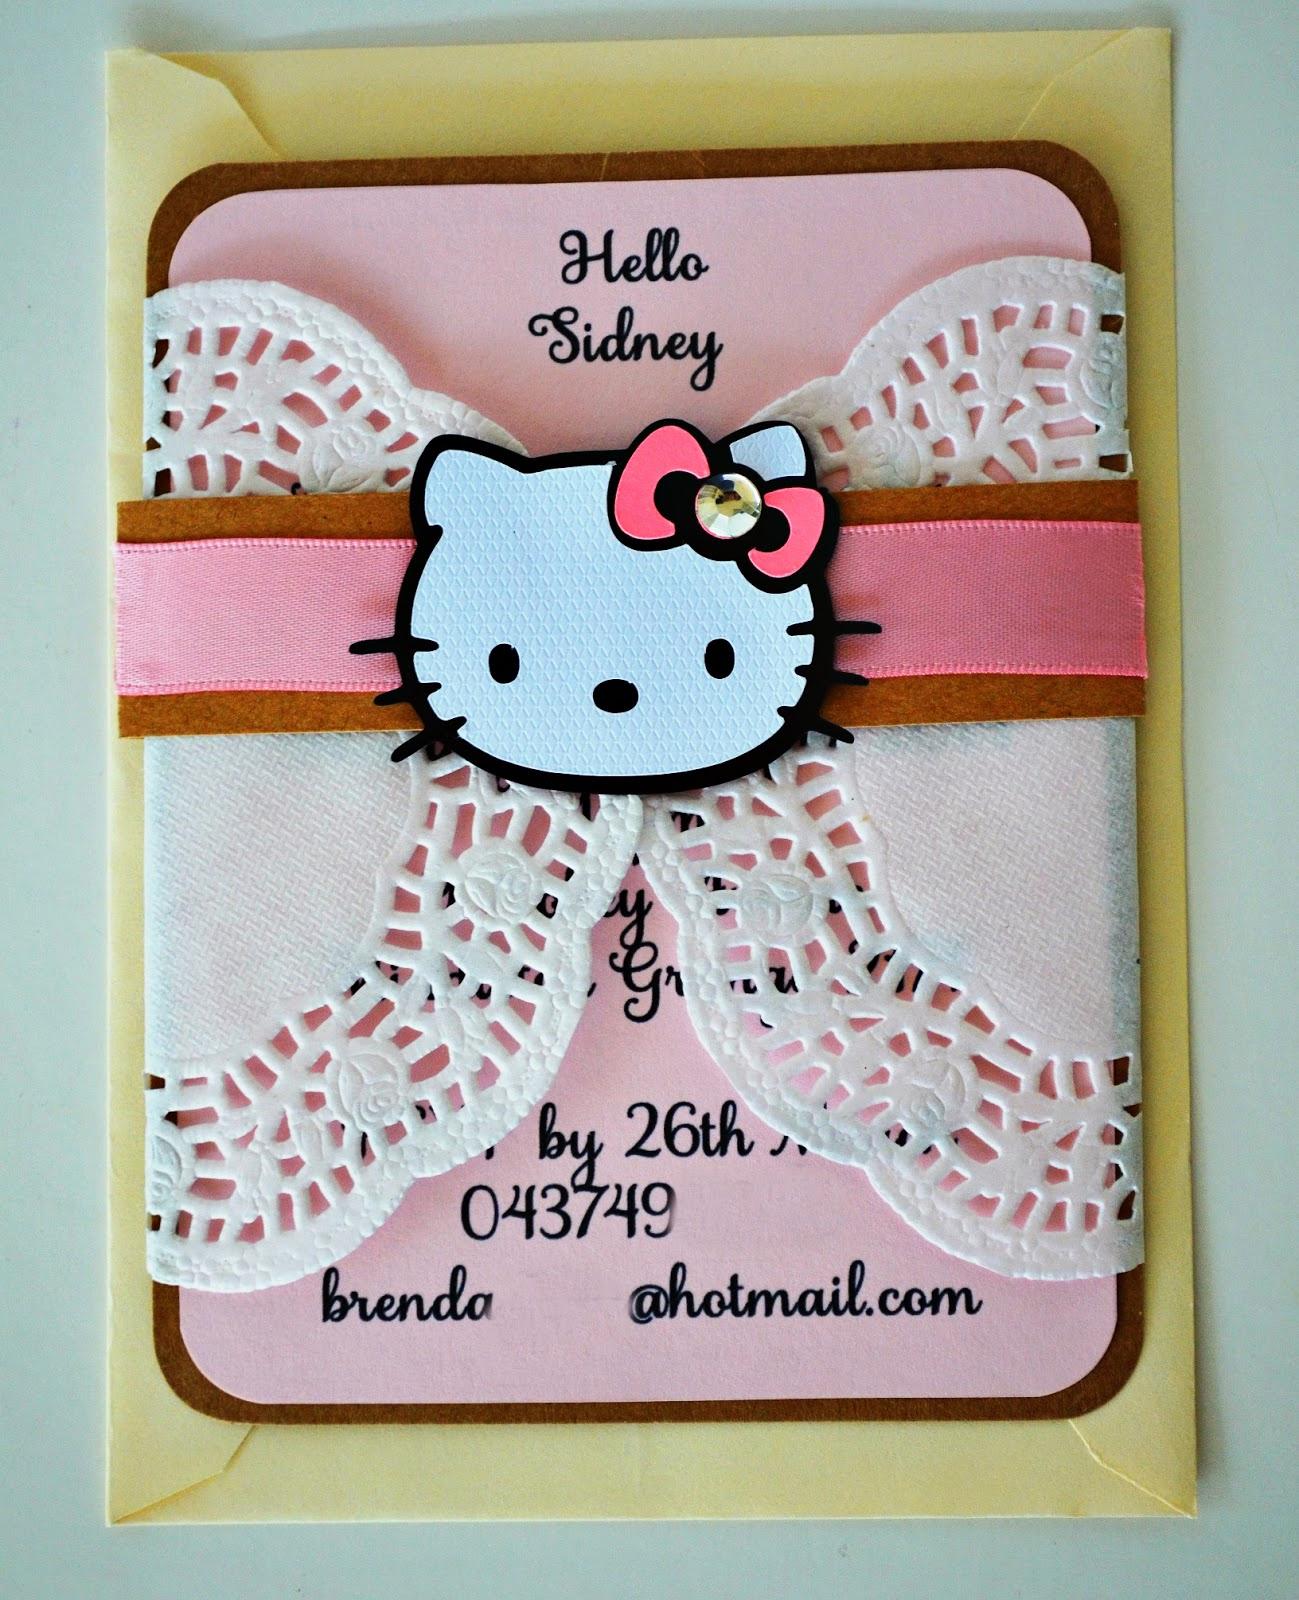 Hello Kitty Invitation Templates Luxury Birthday and Baby Shower Invitations Hello Kitty Doily